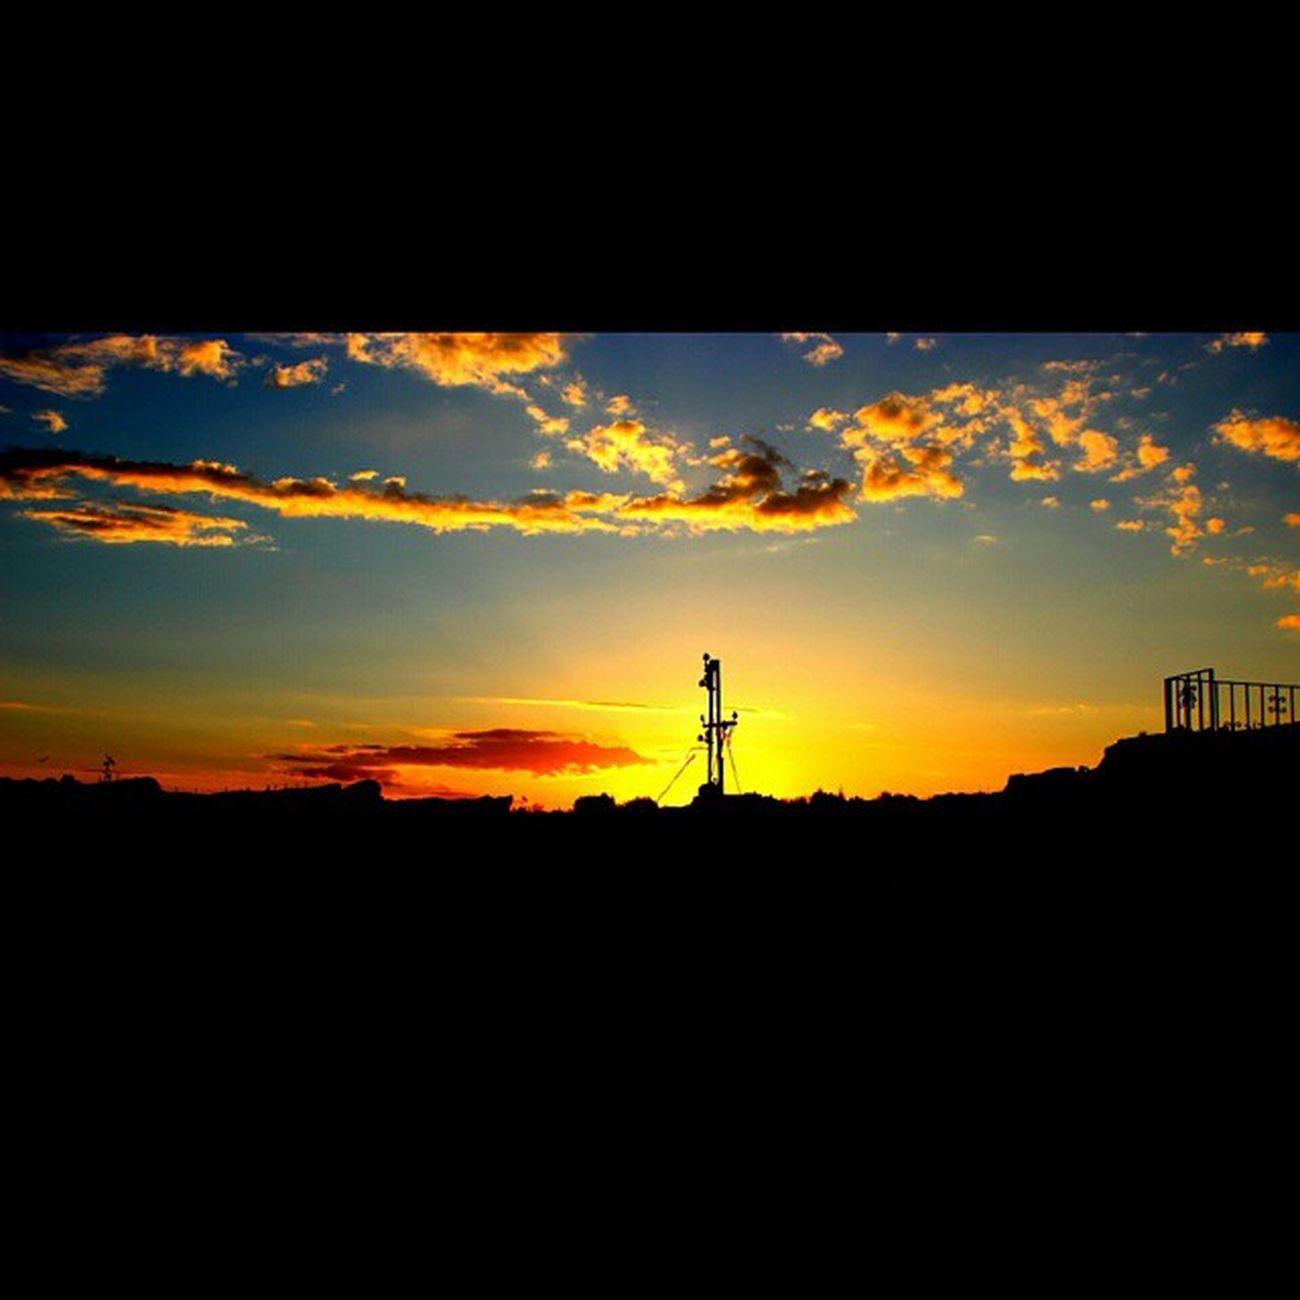 Canon Eos60d Photo Like4like Anıyakala Fotograf Benimgözümden Benimkadrajım Benimvizorum Günbatımı Gununkaresi Ig_eurasia Exifx Hayatakarken Objektifimden ürgüp Balloons Balon Kapadokya Cappadocia Göreme Fotosentez Followmee Altinvizor Fotogulumse_ gününkaresi splash_oftheworld